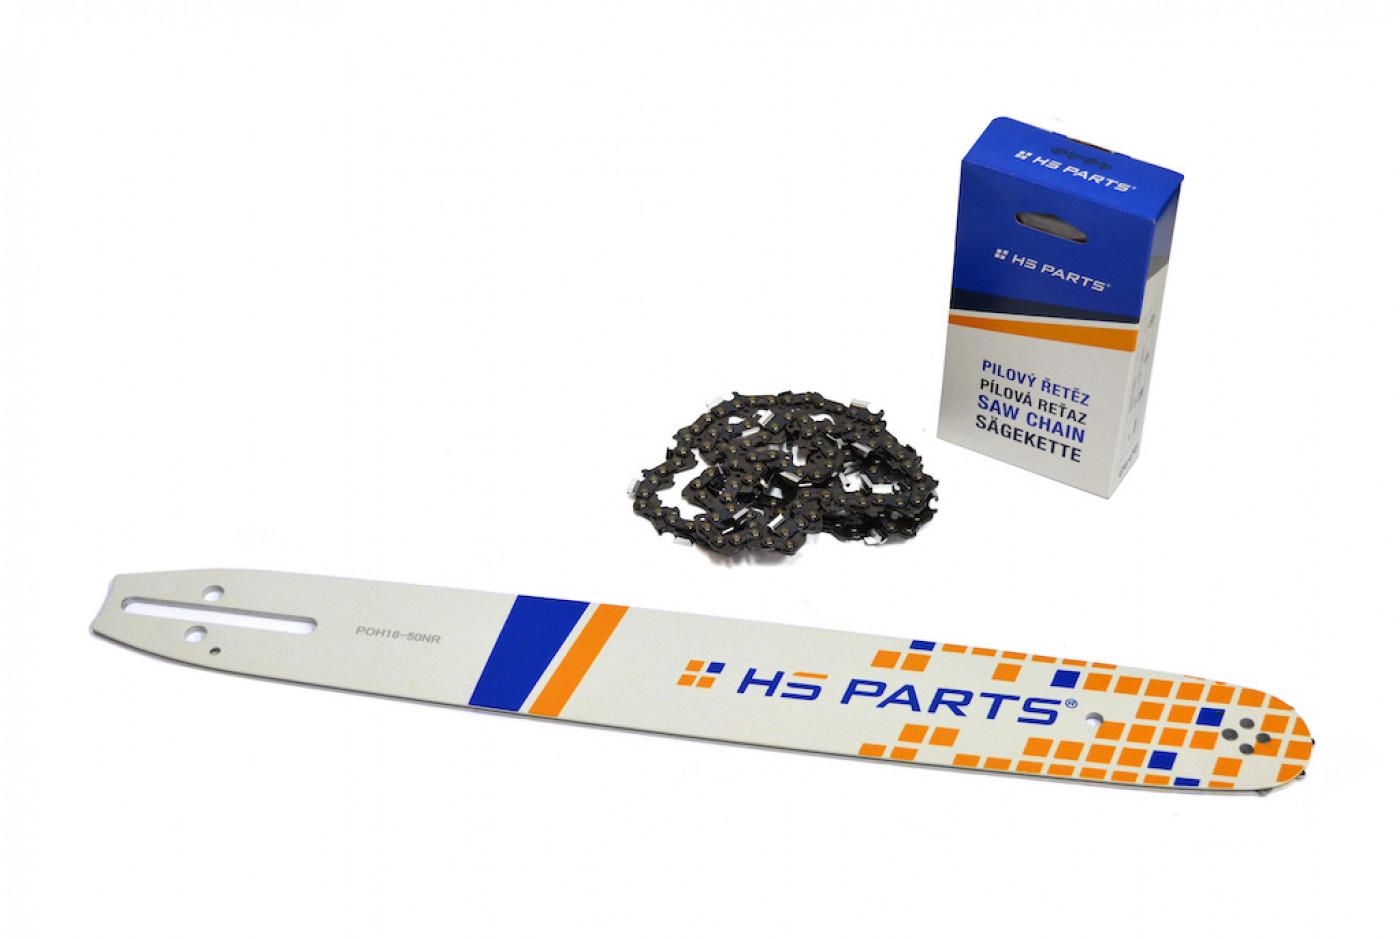 Lišta 40cm +2x reťaz 56 čl. 3 8 1,3mm +Ozubenie Partner 350 351 370 390 420